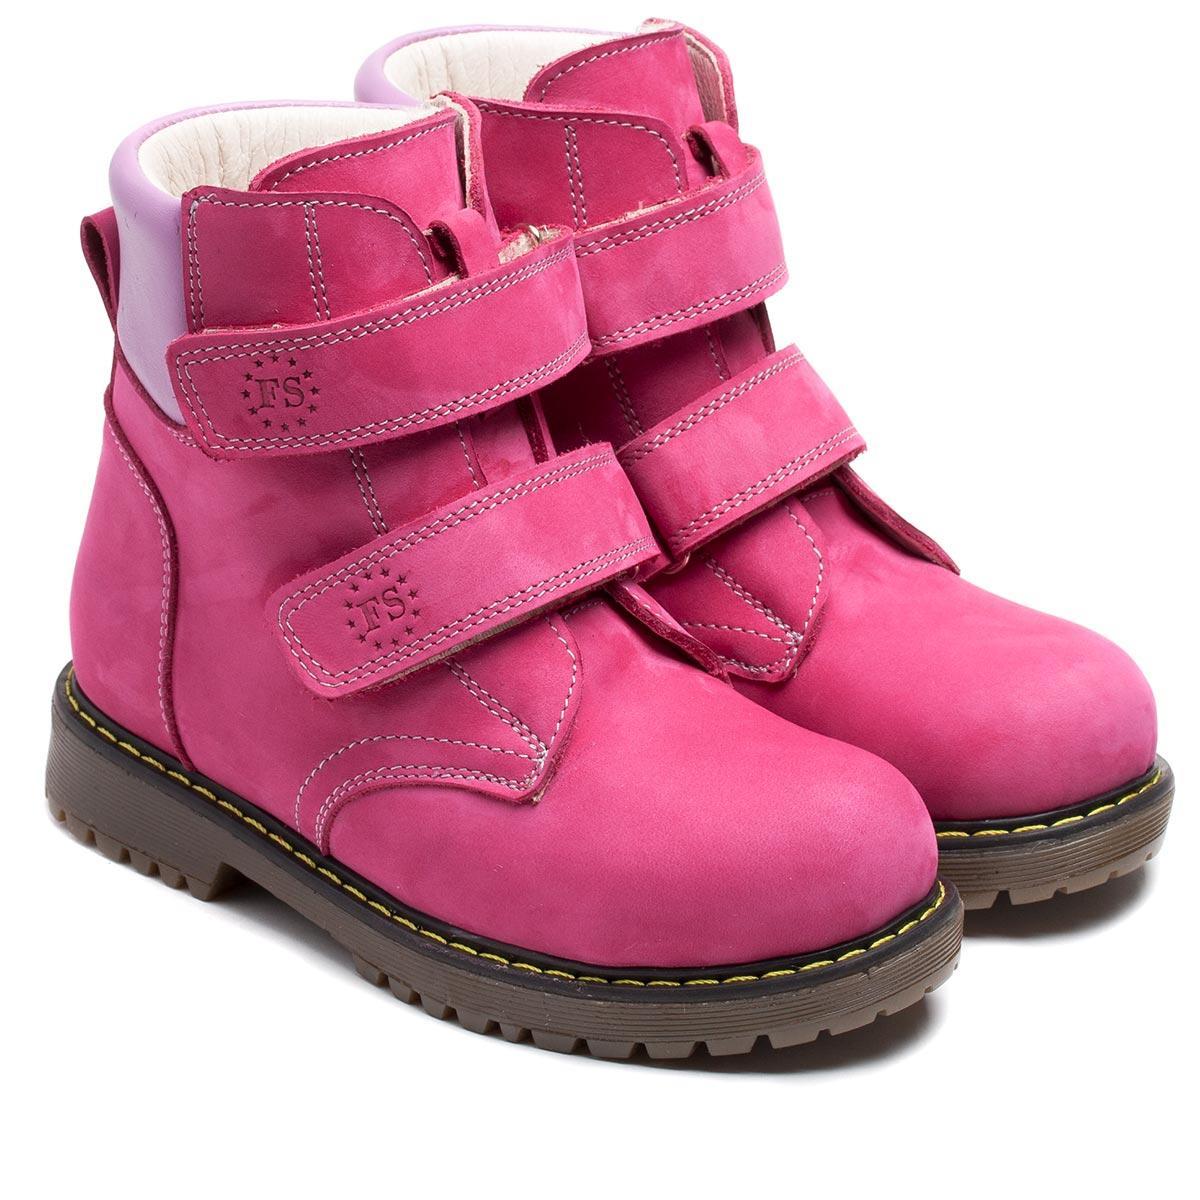 Зимние, ортопедические ботинки FS Сollection для девочки, на липучках,размер 21-36